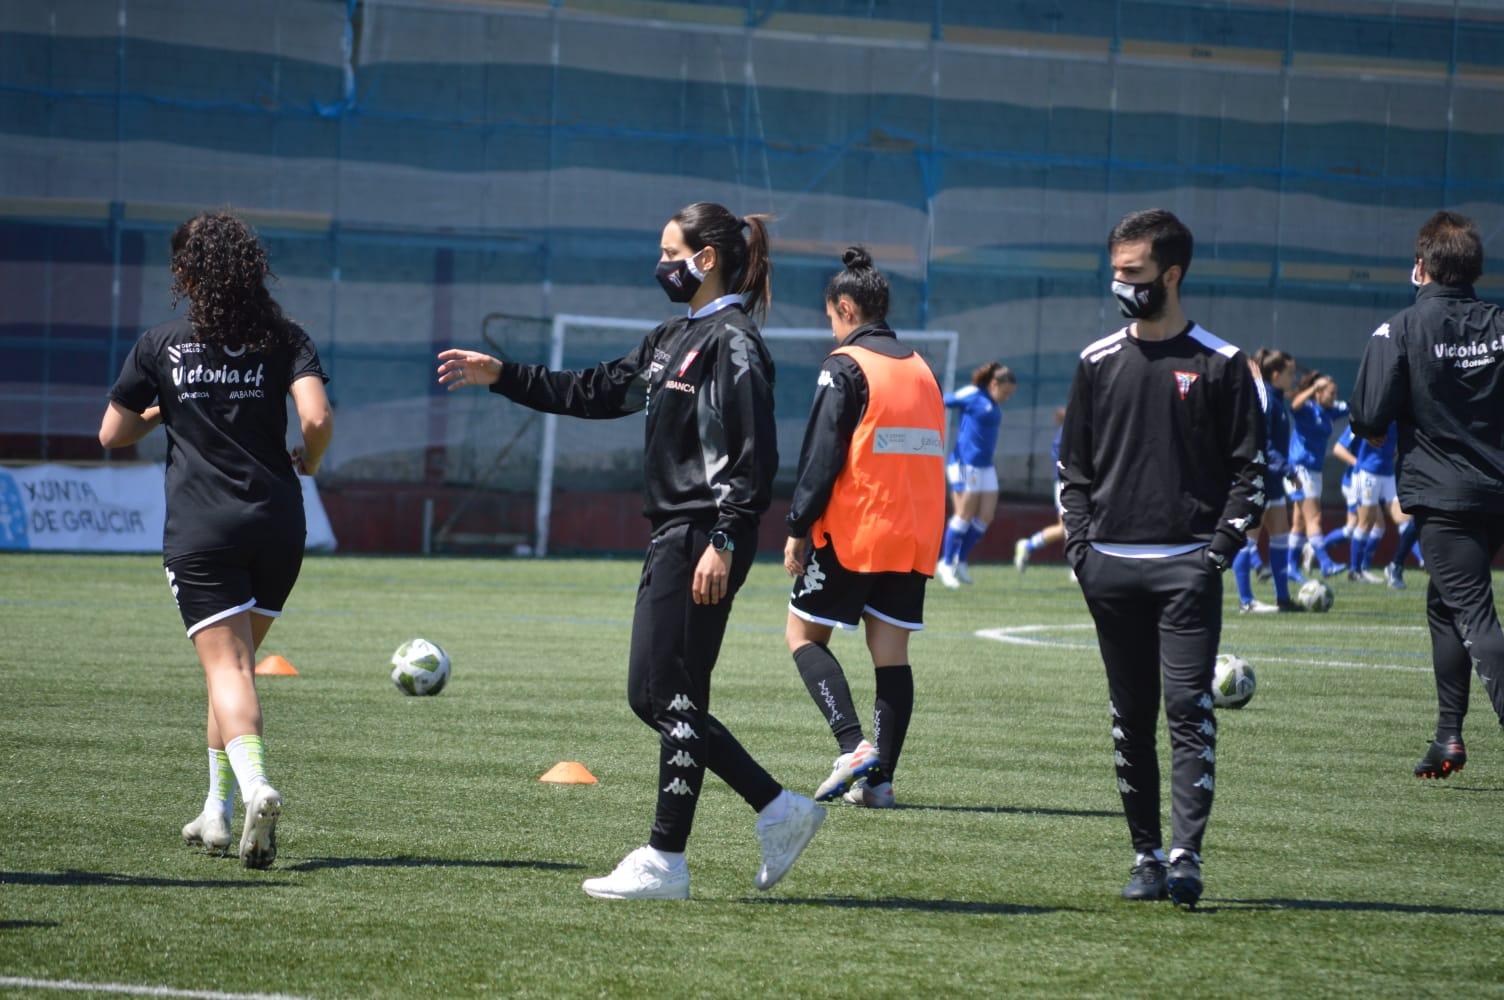 Cris Oreiro nun adestramento do Victoria / CEDIDA